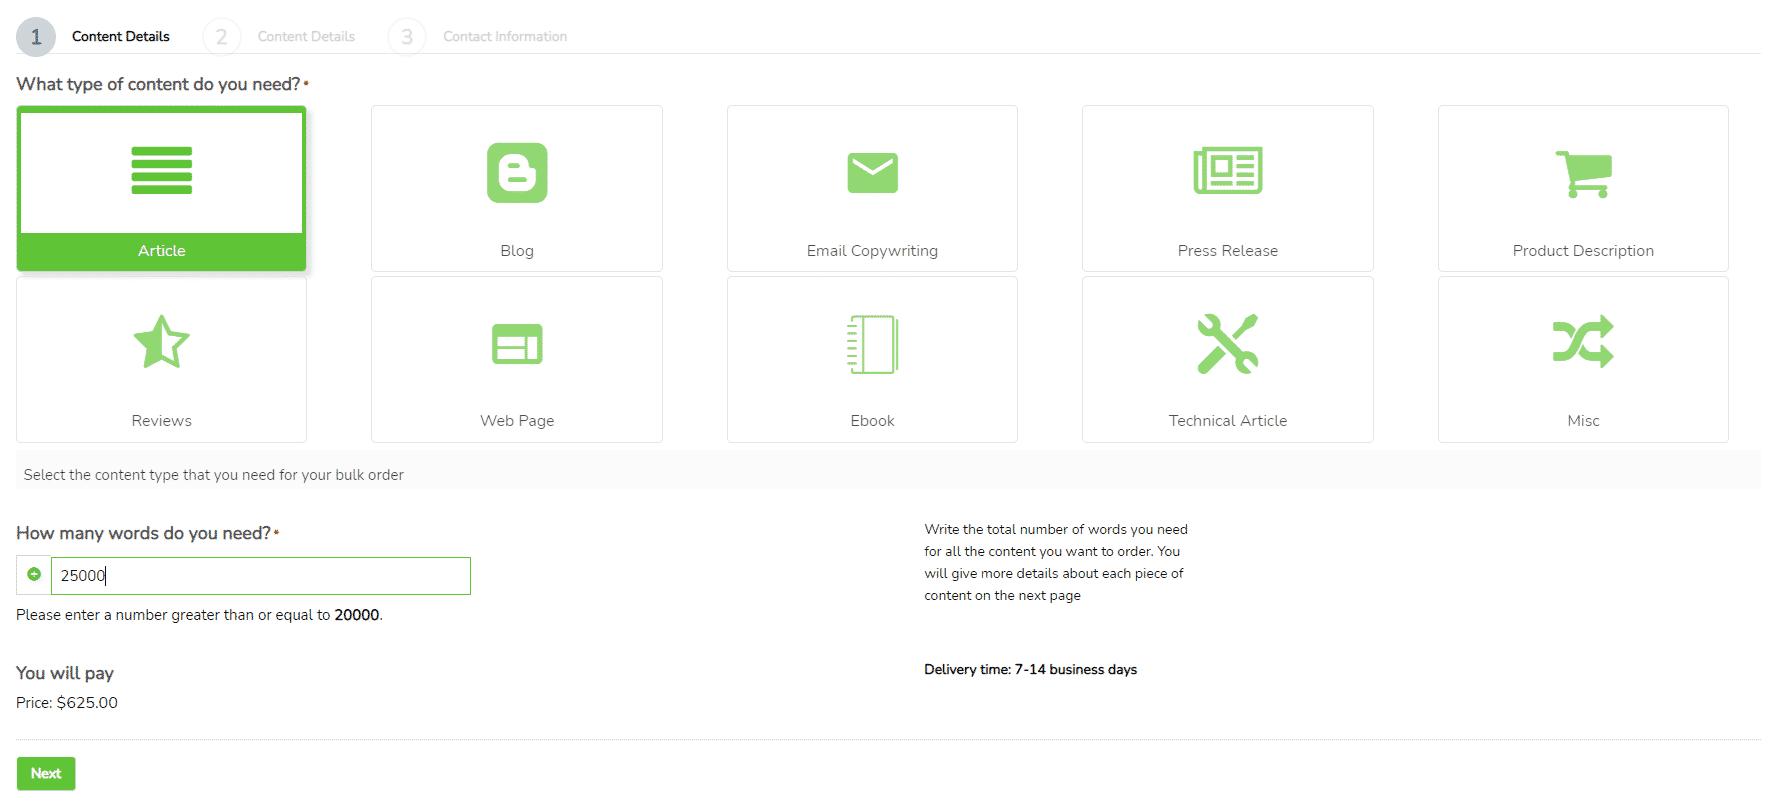 buy articles in bulk screenshot- Order process step 1